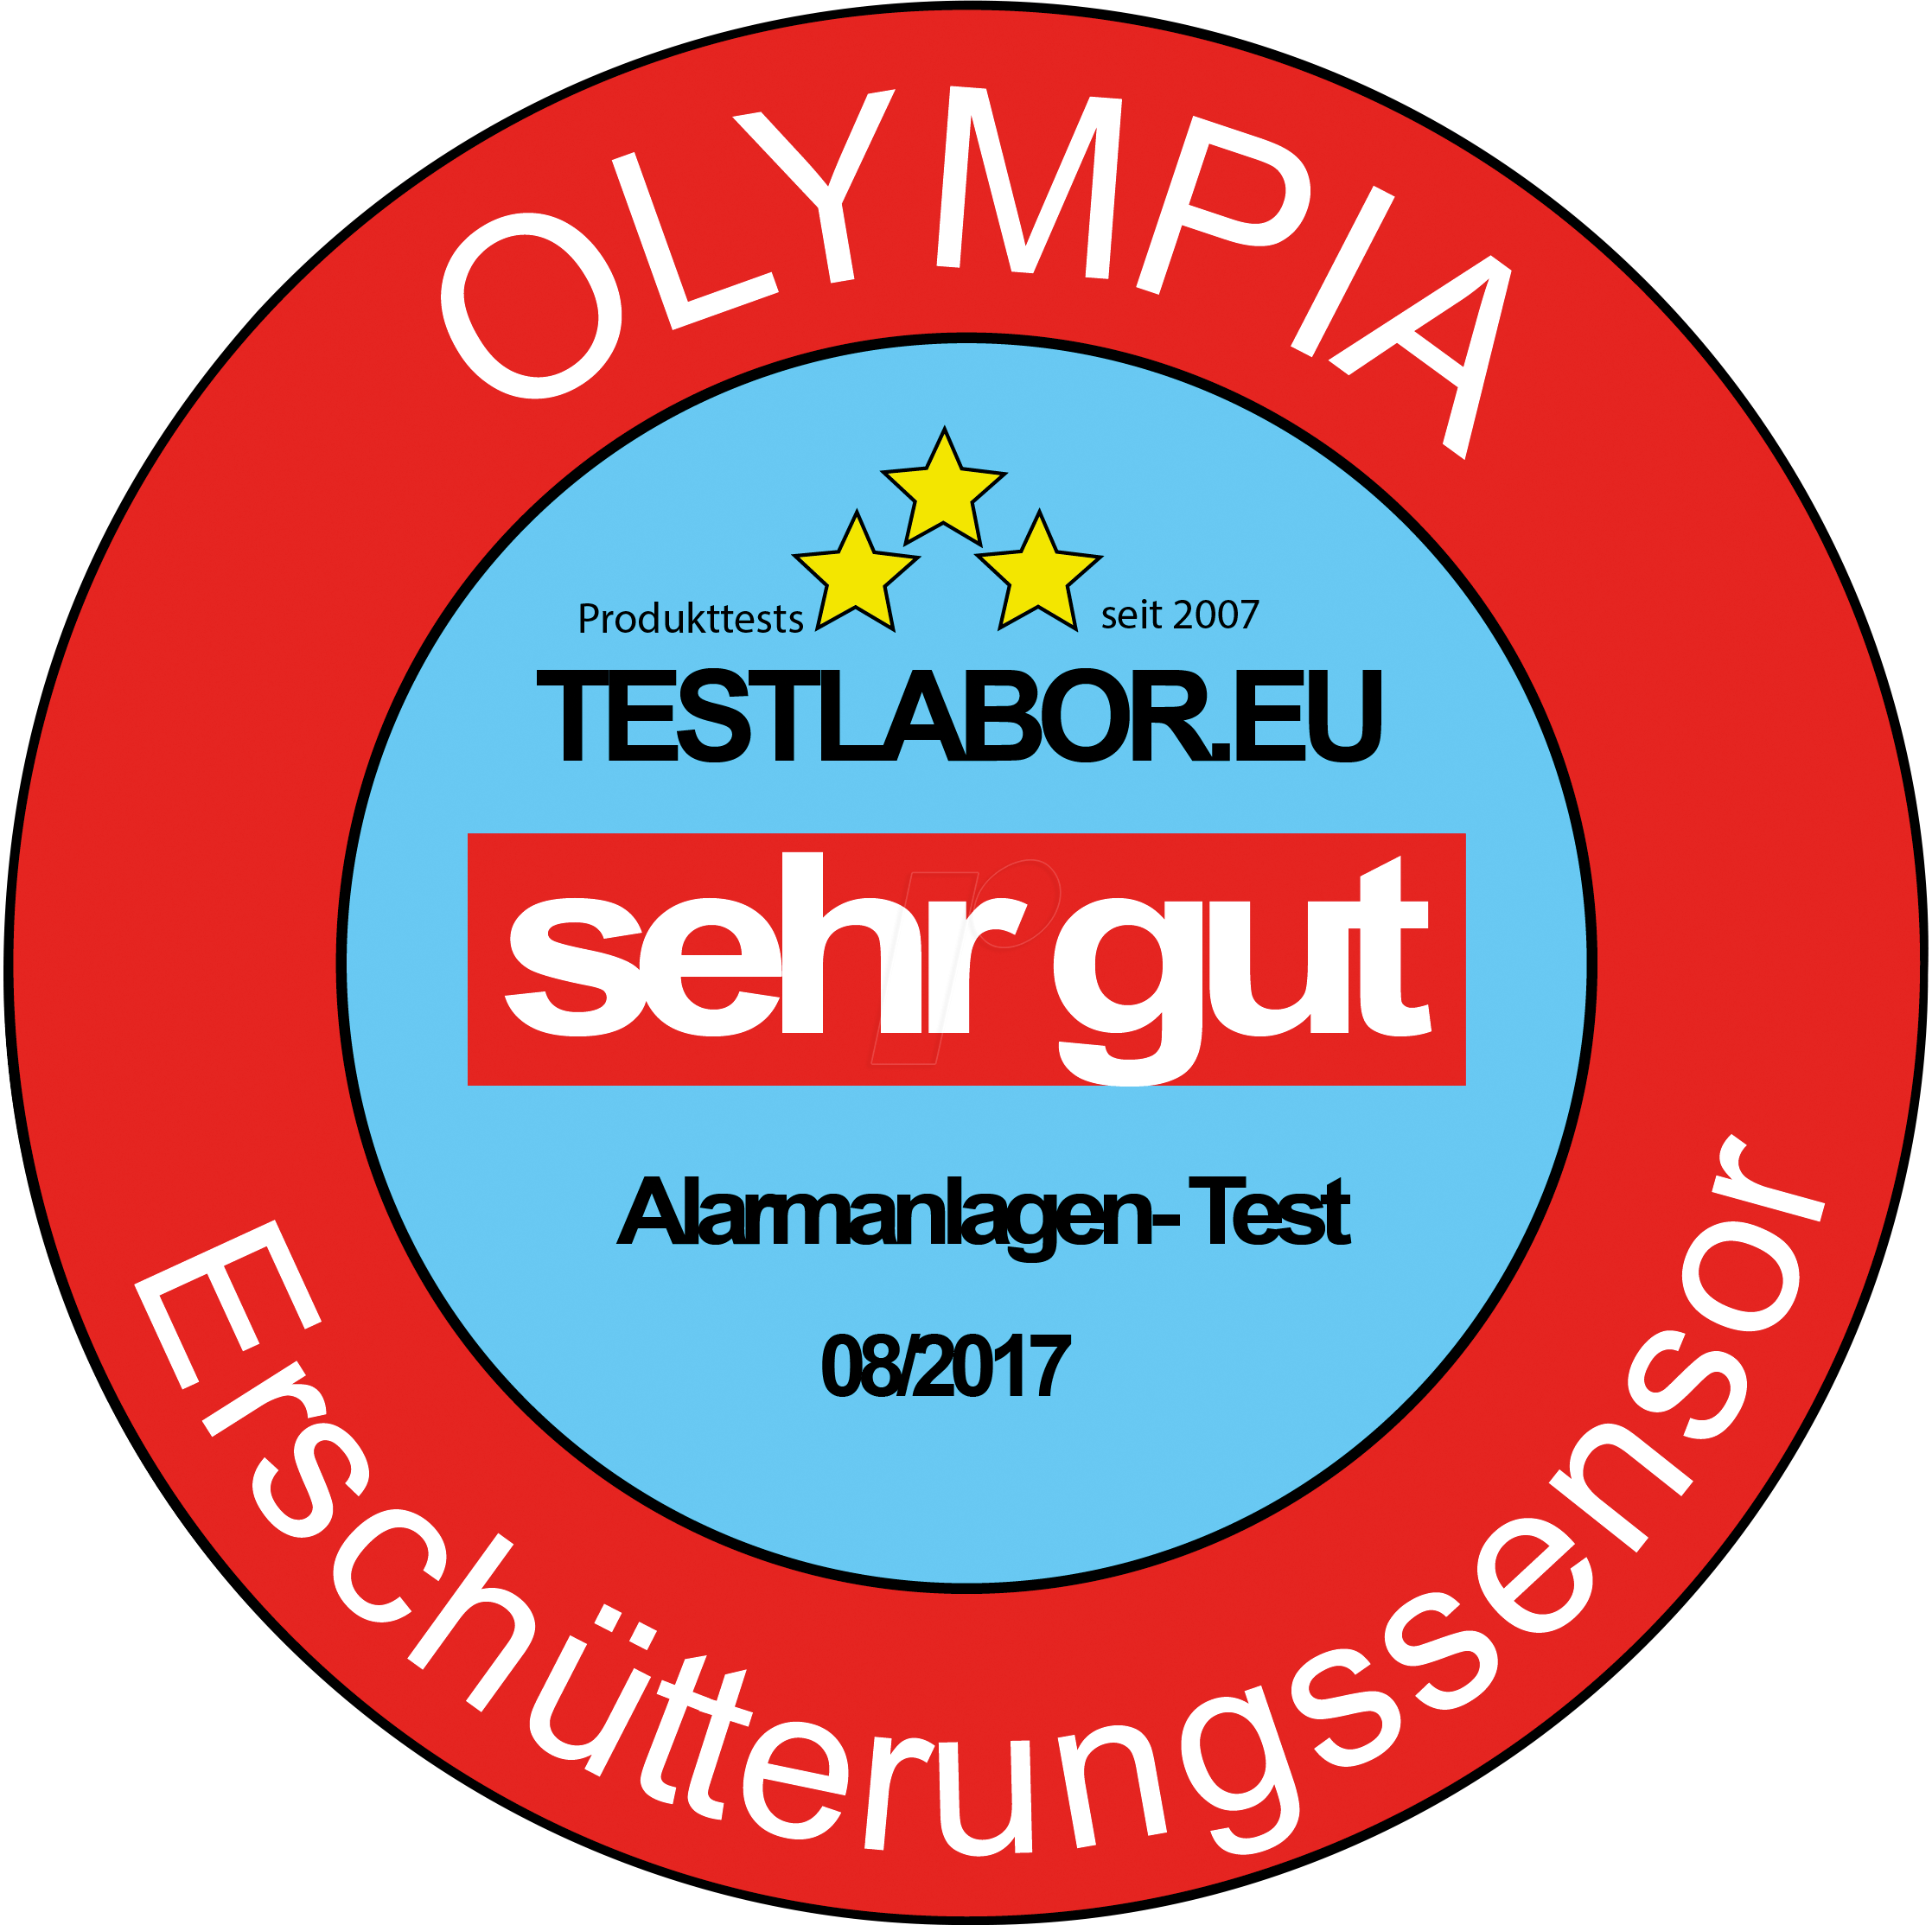 https://cdn-reichelt.de/bilder/web/xxl_ws/E910/OLYMPIA_6107_TEST_LABOR.png